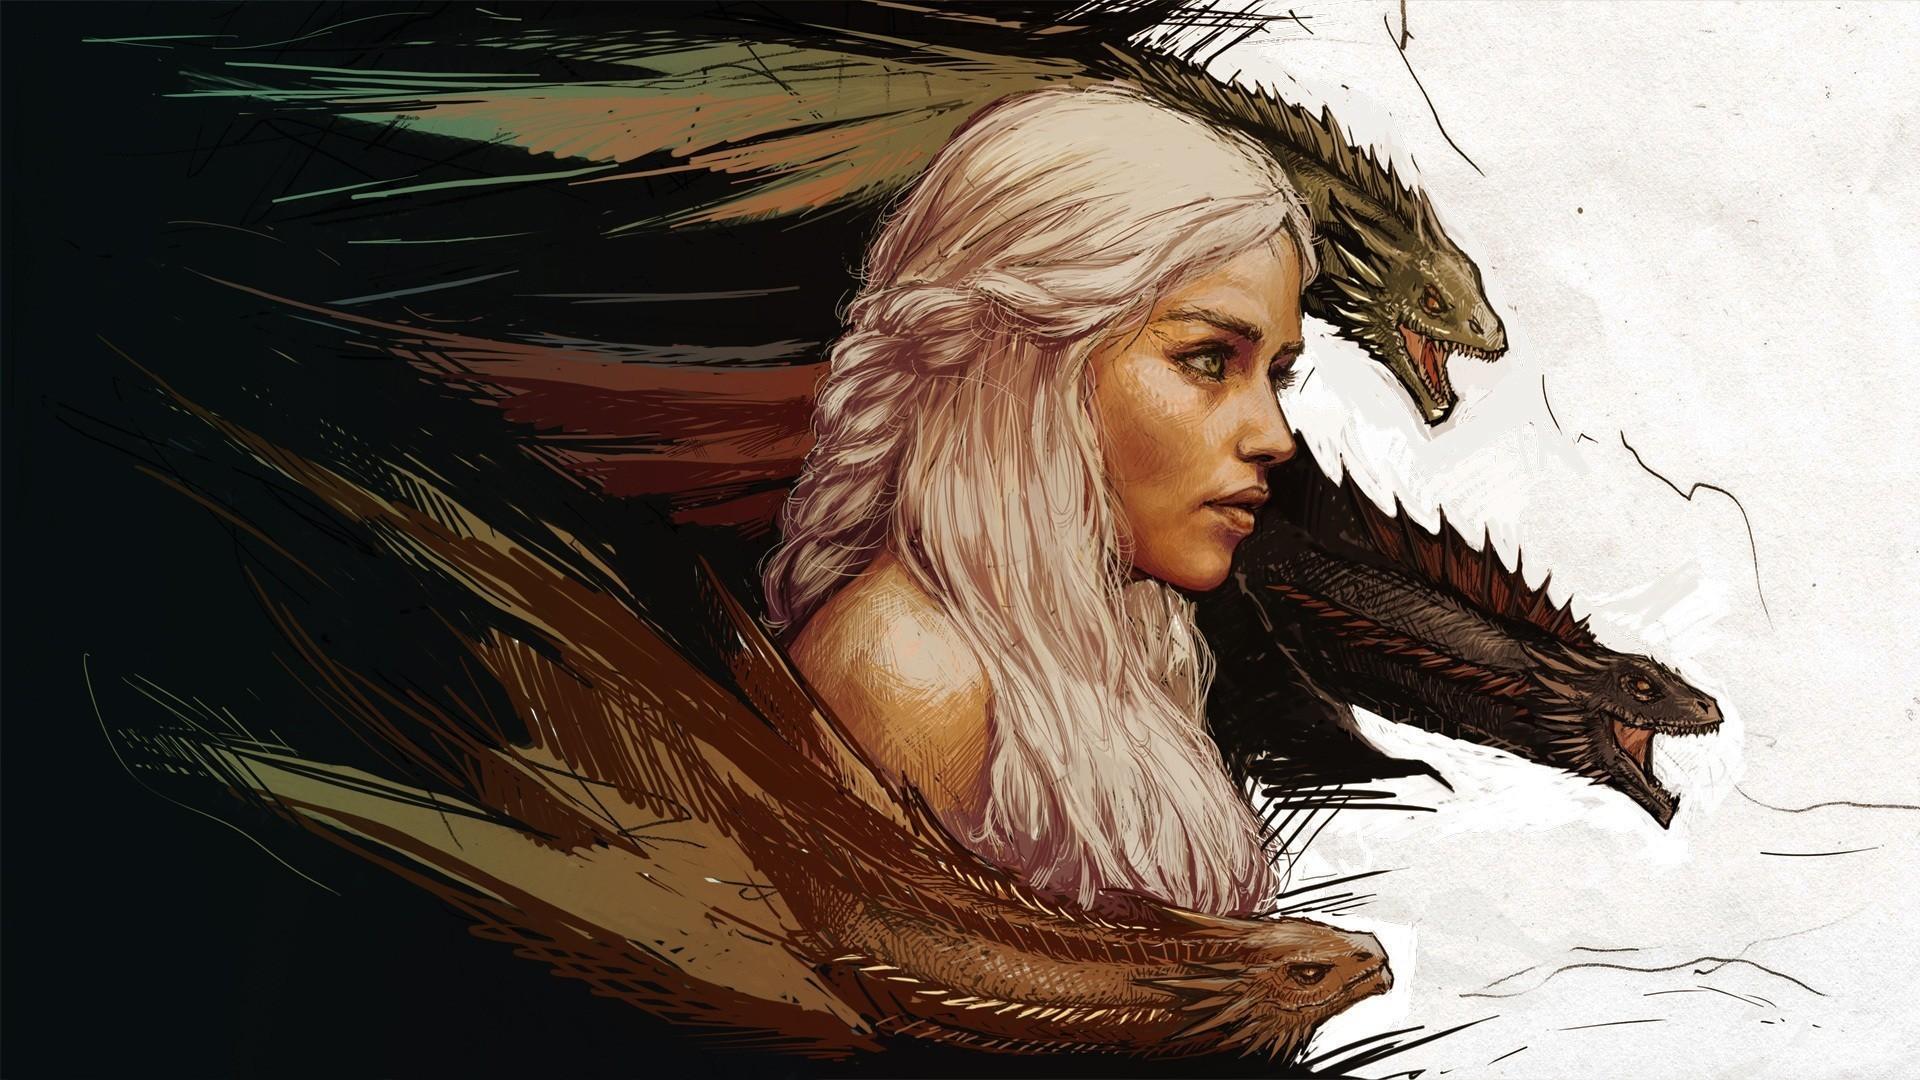 Daenerys Targaryen – Game of Thrones Wallpaper #1743